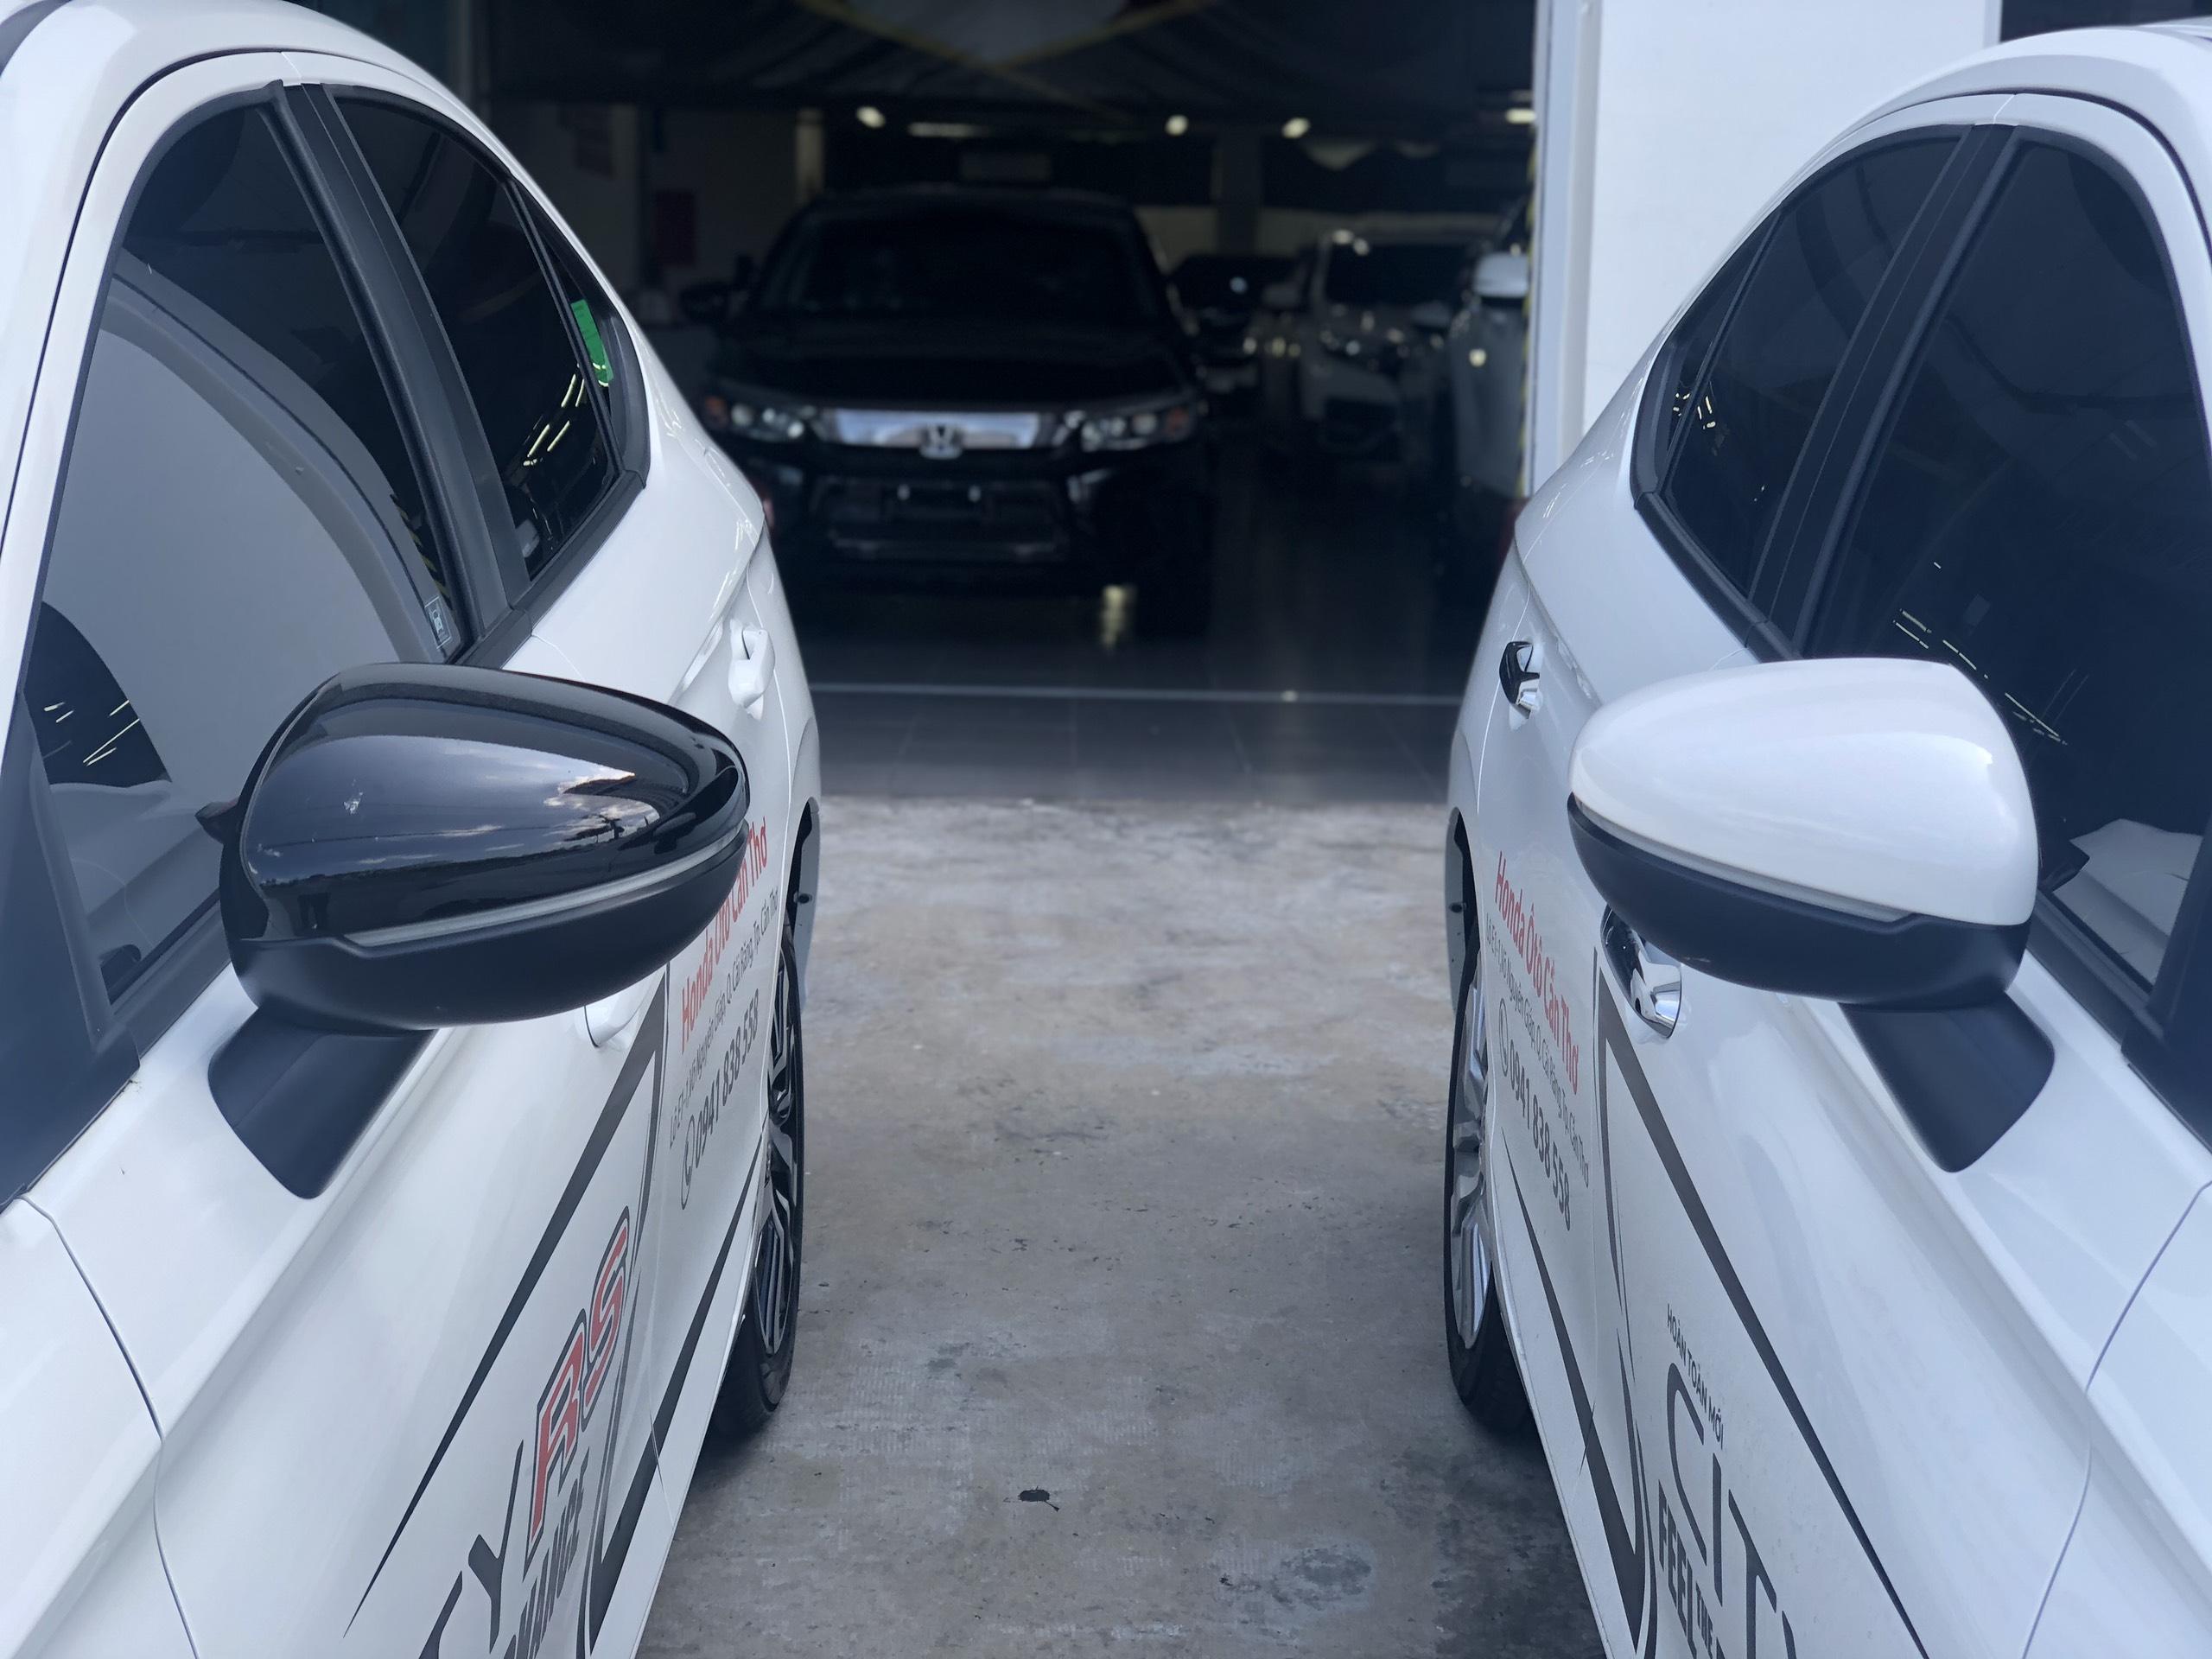 Honda City bản RS và bản L khác nhau những gì? Mà chênh lệch nhau 30tr